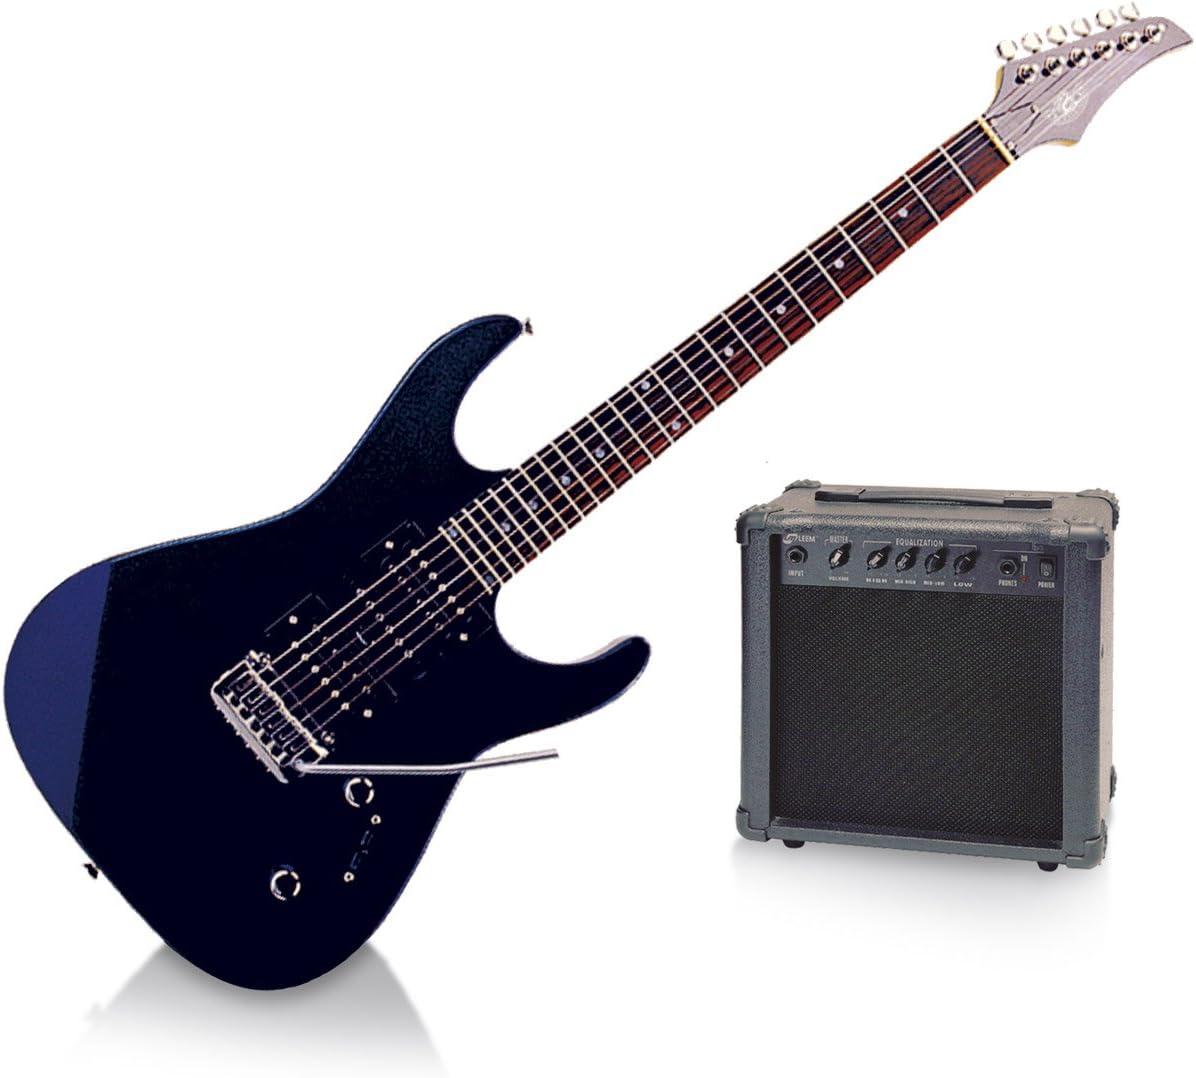 Legend pacrc100mbl Pack de Guitarra Eléctrica Tipo Ibanez, color azul metálico: Amazon.es: Instrumentos musicales